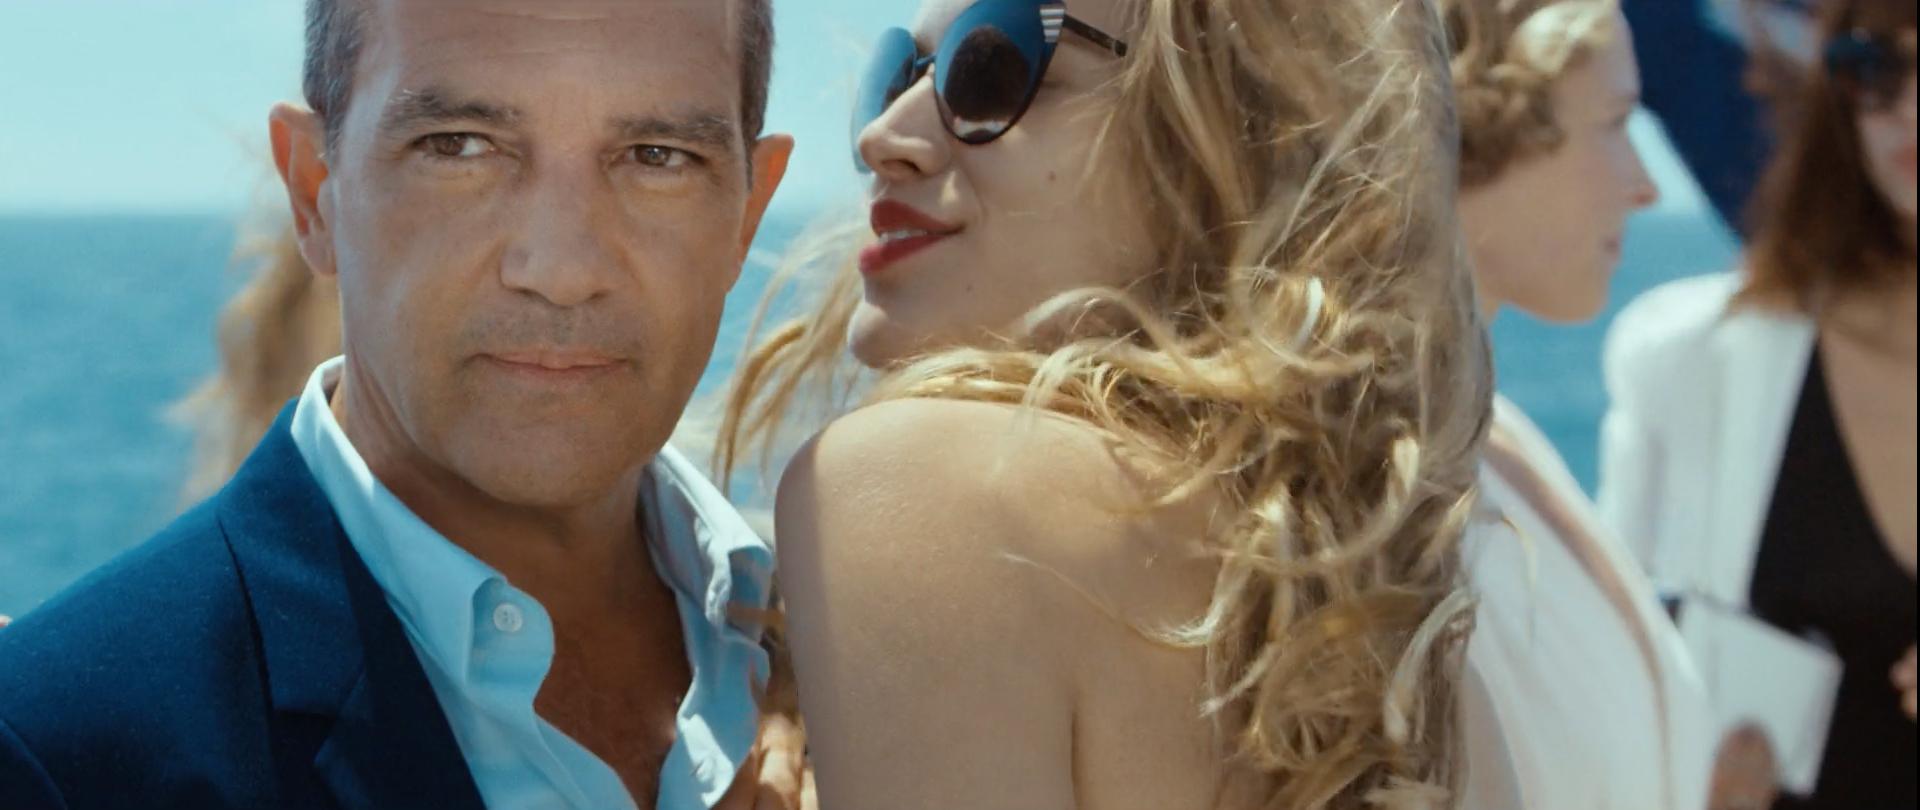 Antonio Banderas/ Director Martin Werner - Creative Researcher Andrea Jade Colomb